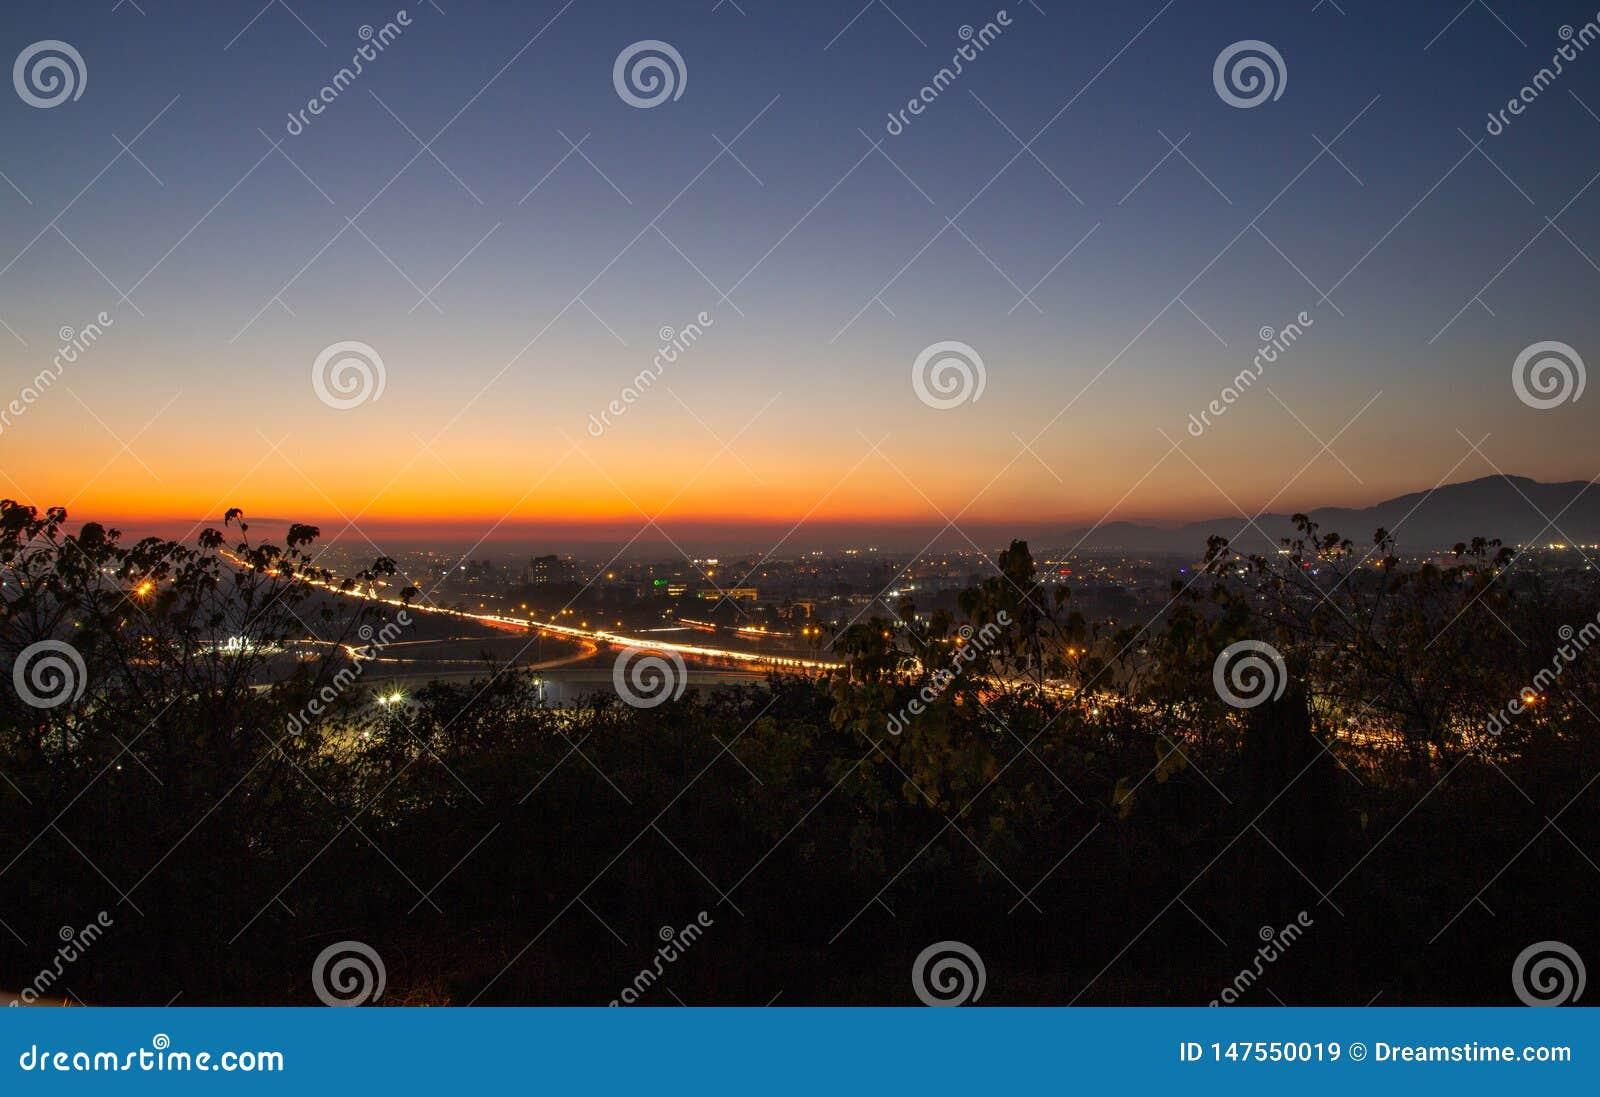 Sonnenuntergang mit beschäftigter Landstraße und Bergen im Abstand